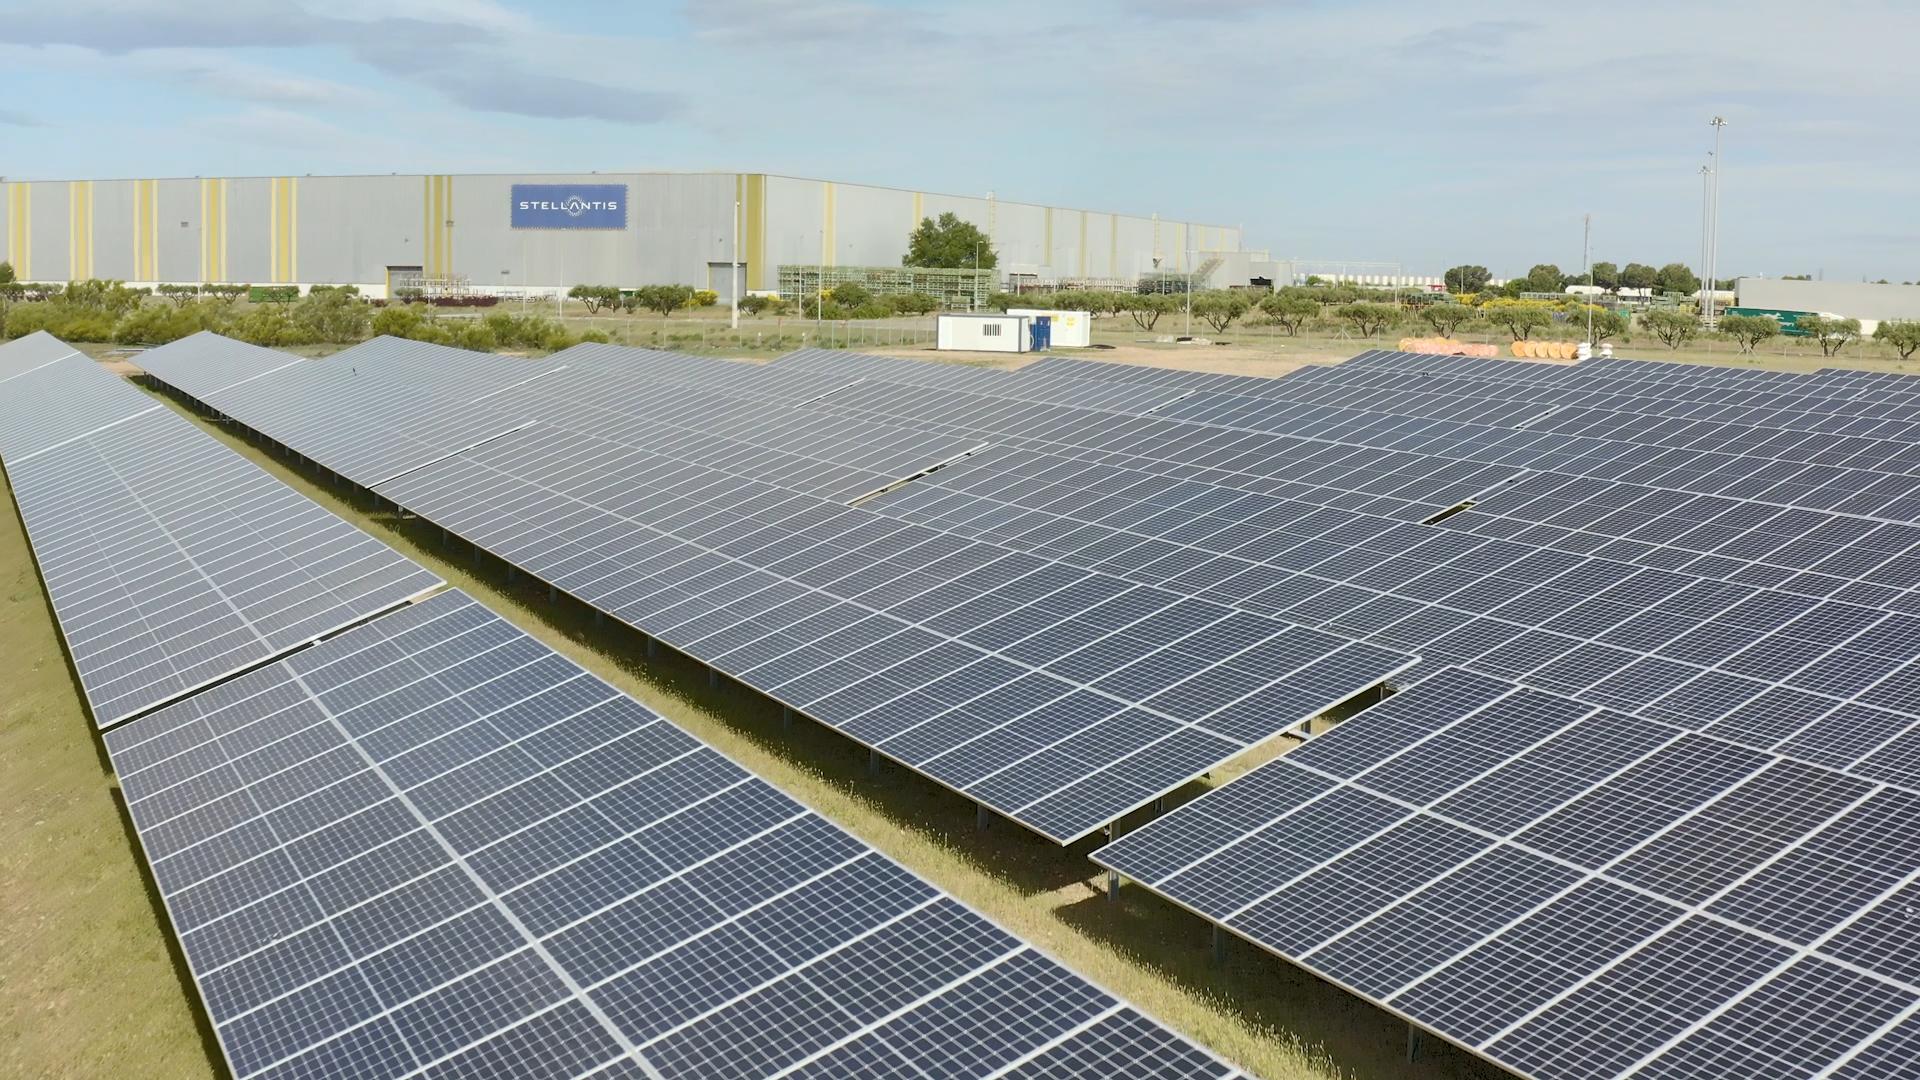 La primera fase del parque fotovoltaico de Figueruelas cubre 87.000 m2 de módulos solares.